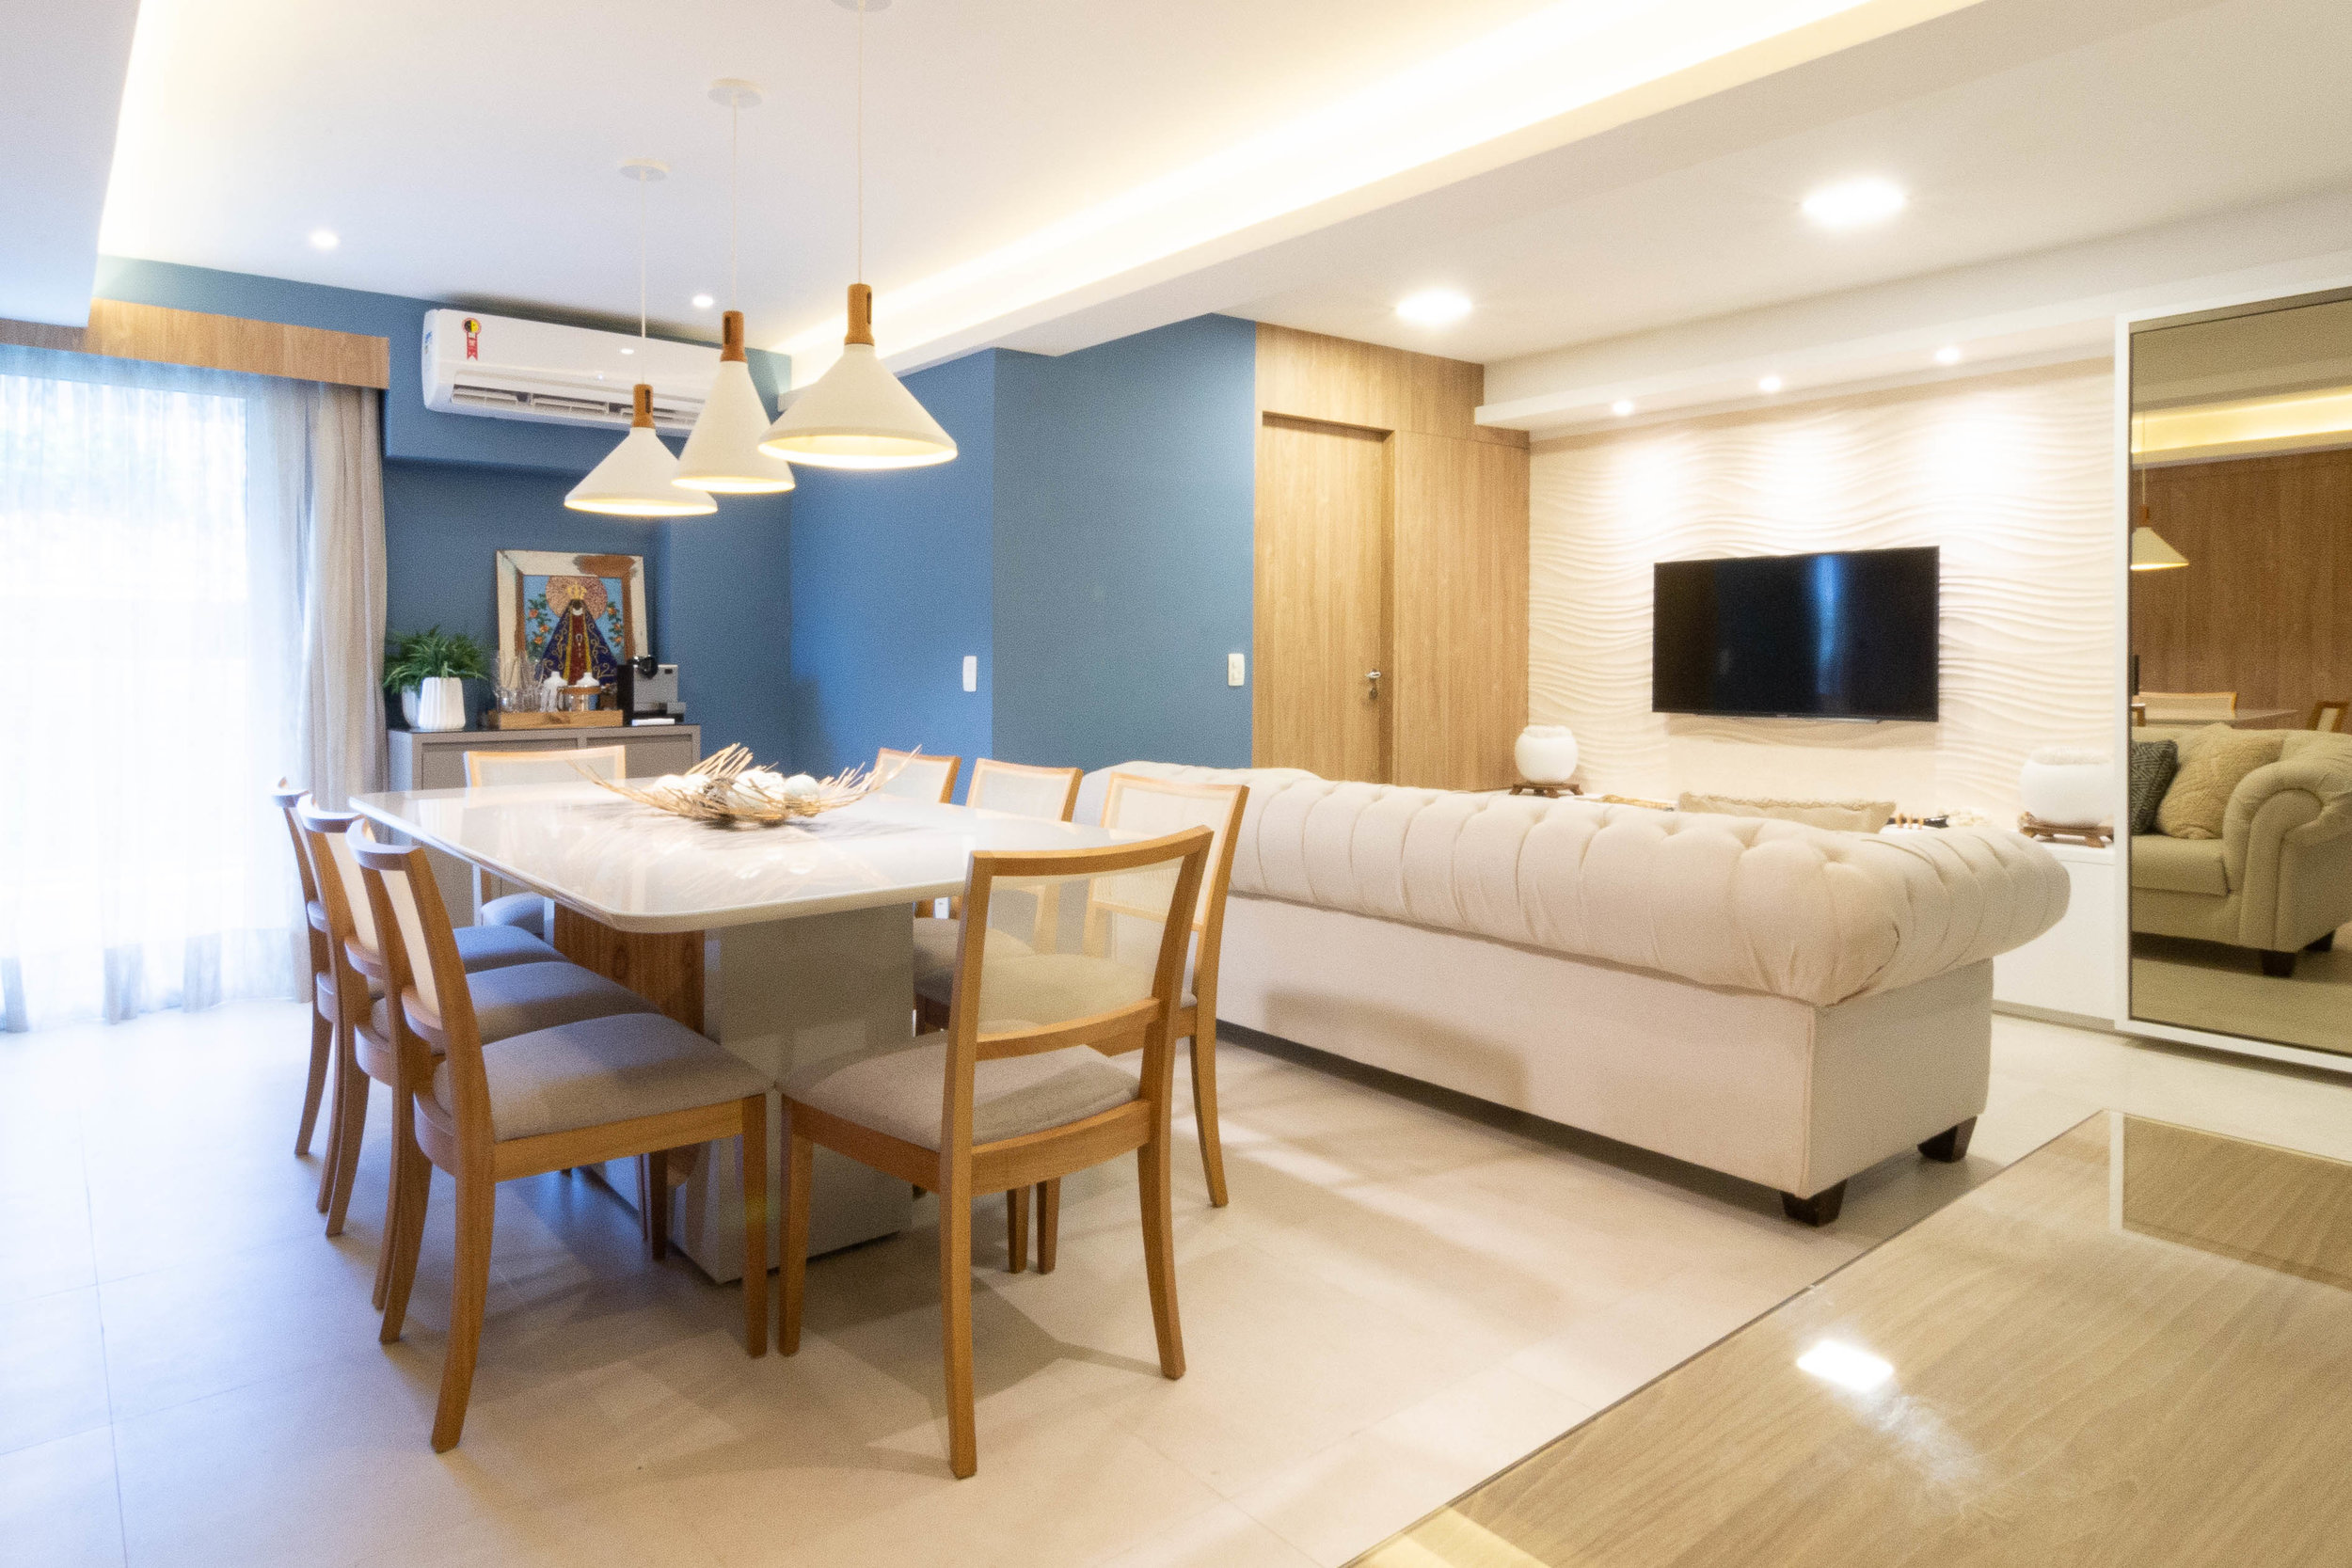 projeto-arquitetonico-luciananilton-duo-arquitetura-apartamentos-praia-010.jpg